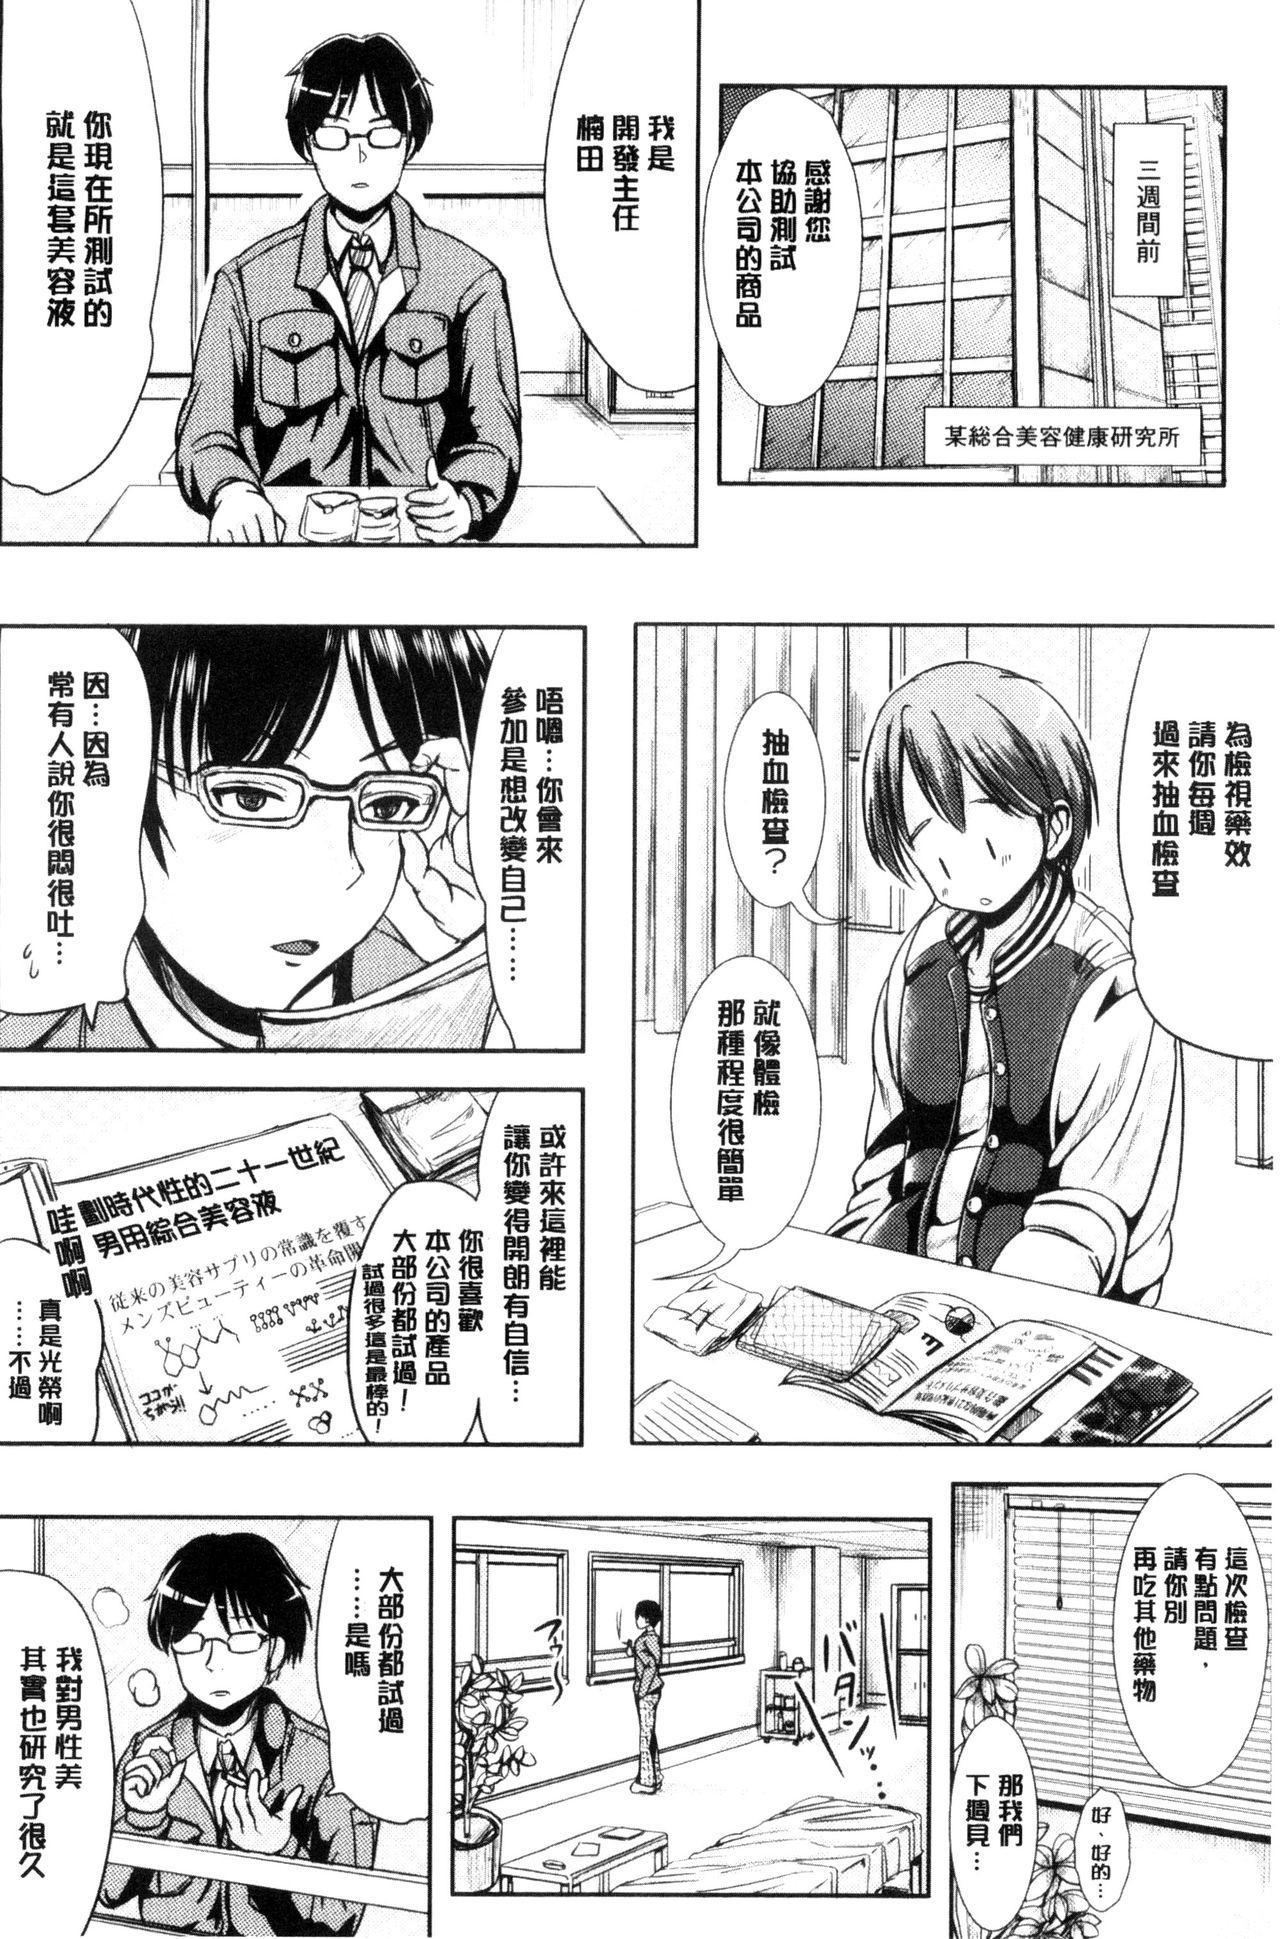 [Marneko] Onnanoko Supple ~Seitenkan Shite Hoken no Jugyou~   女孩子補給品 性轉換之後保健的授業 [Chinese] 22